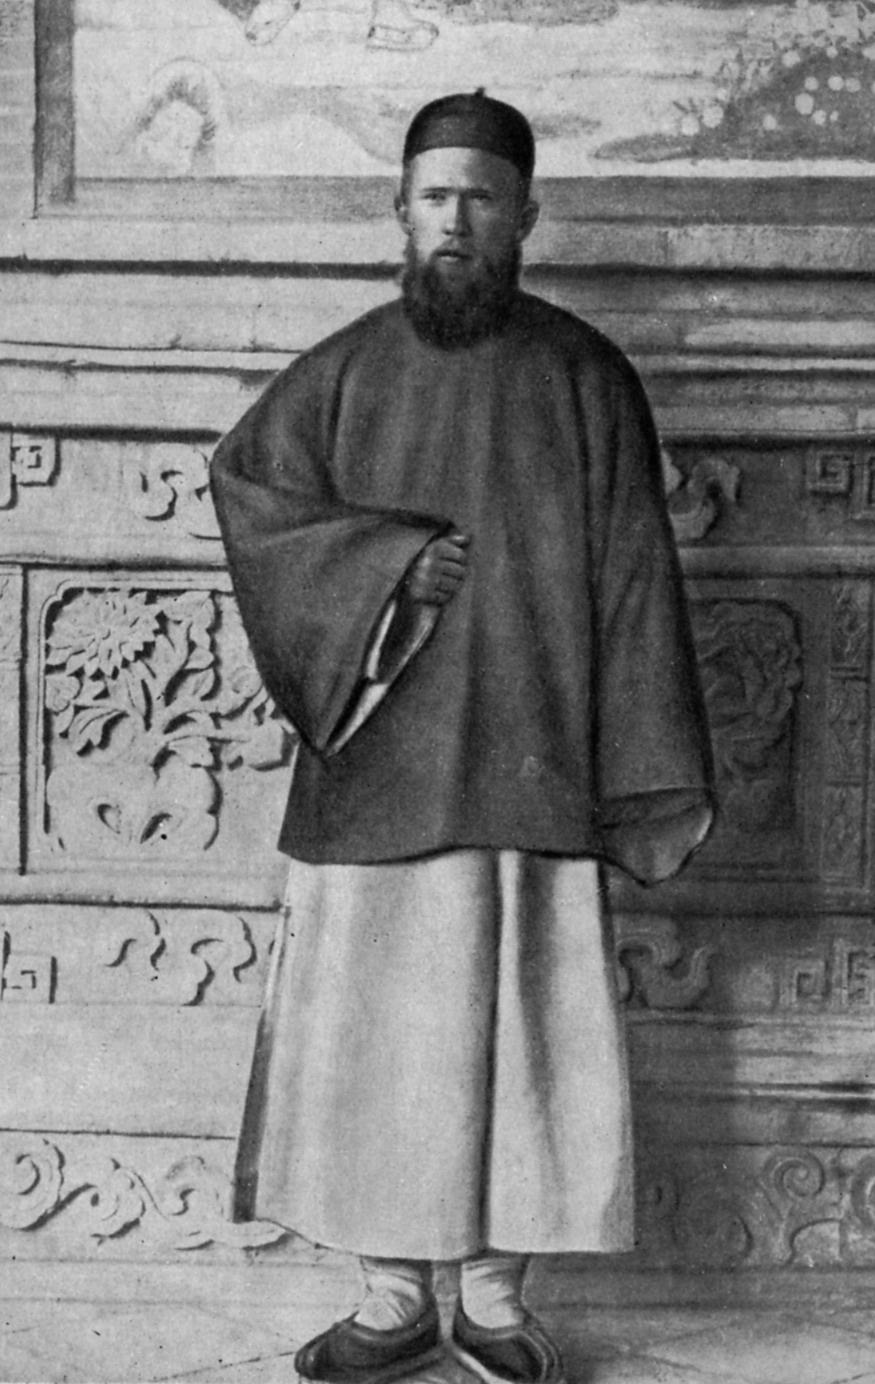 Академик Владимир Обручев в китайском костюме, 1893 год